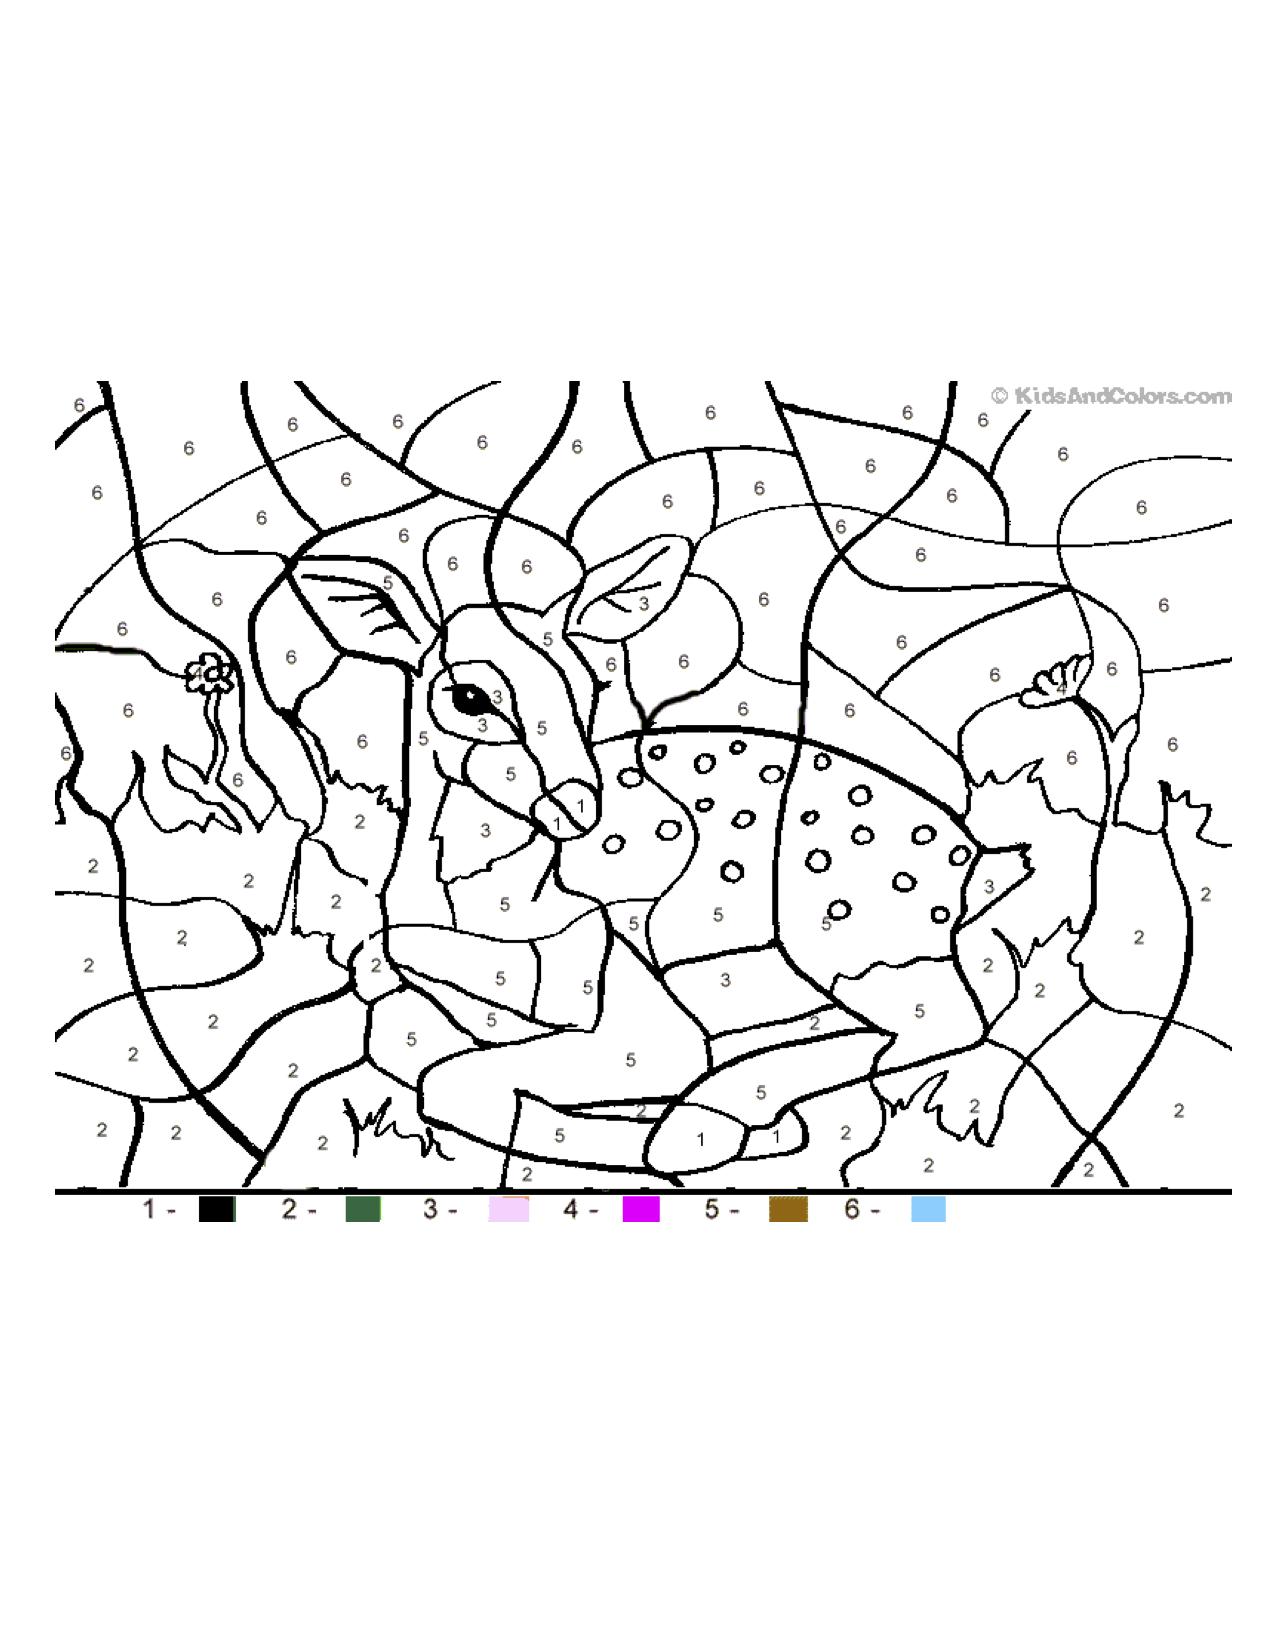 Letter D / Deer color by number